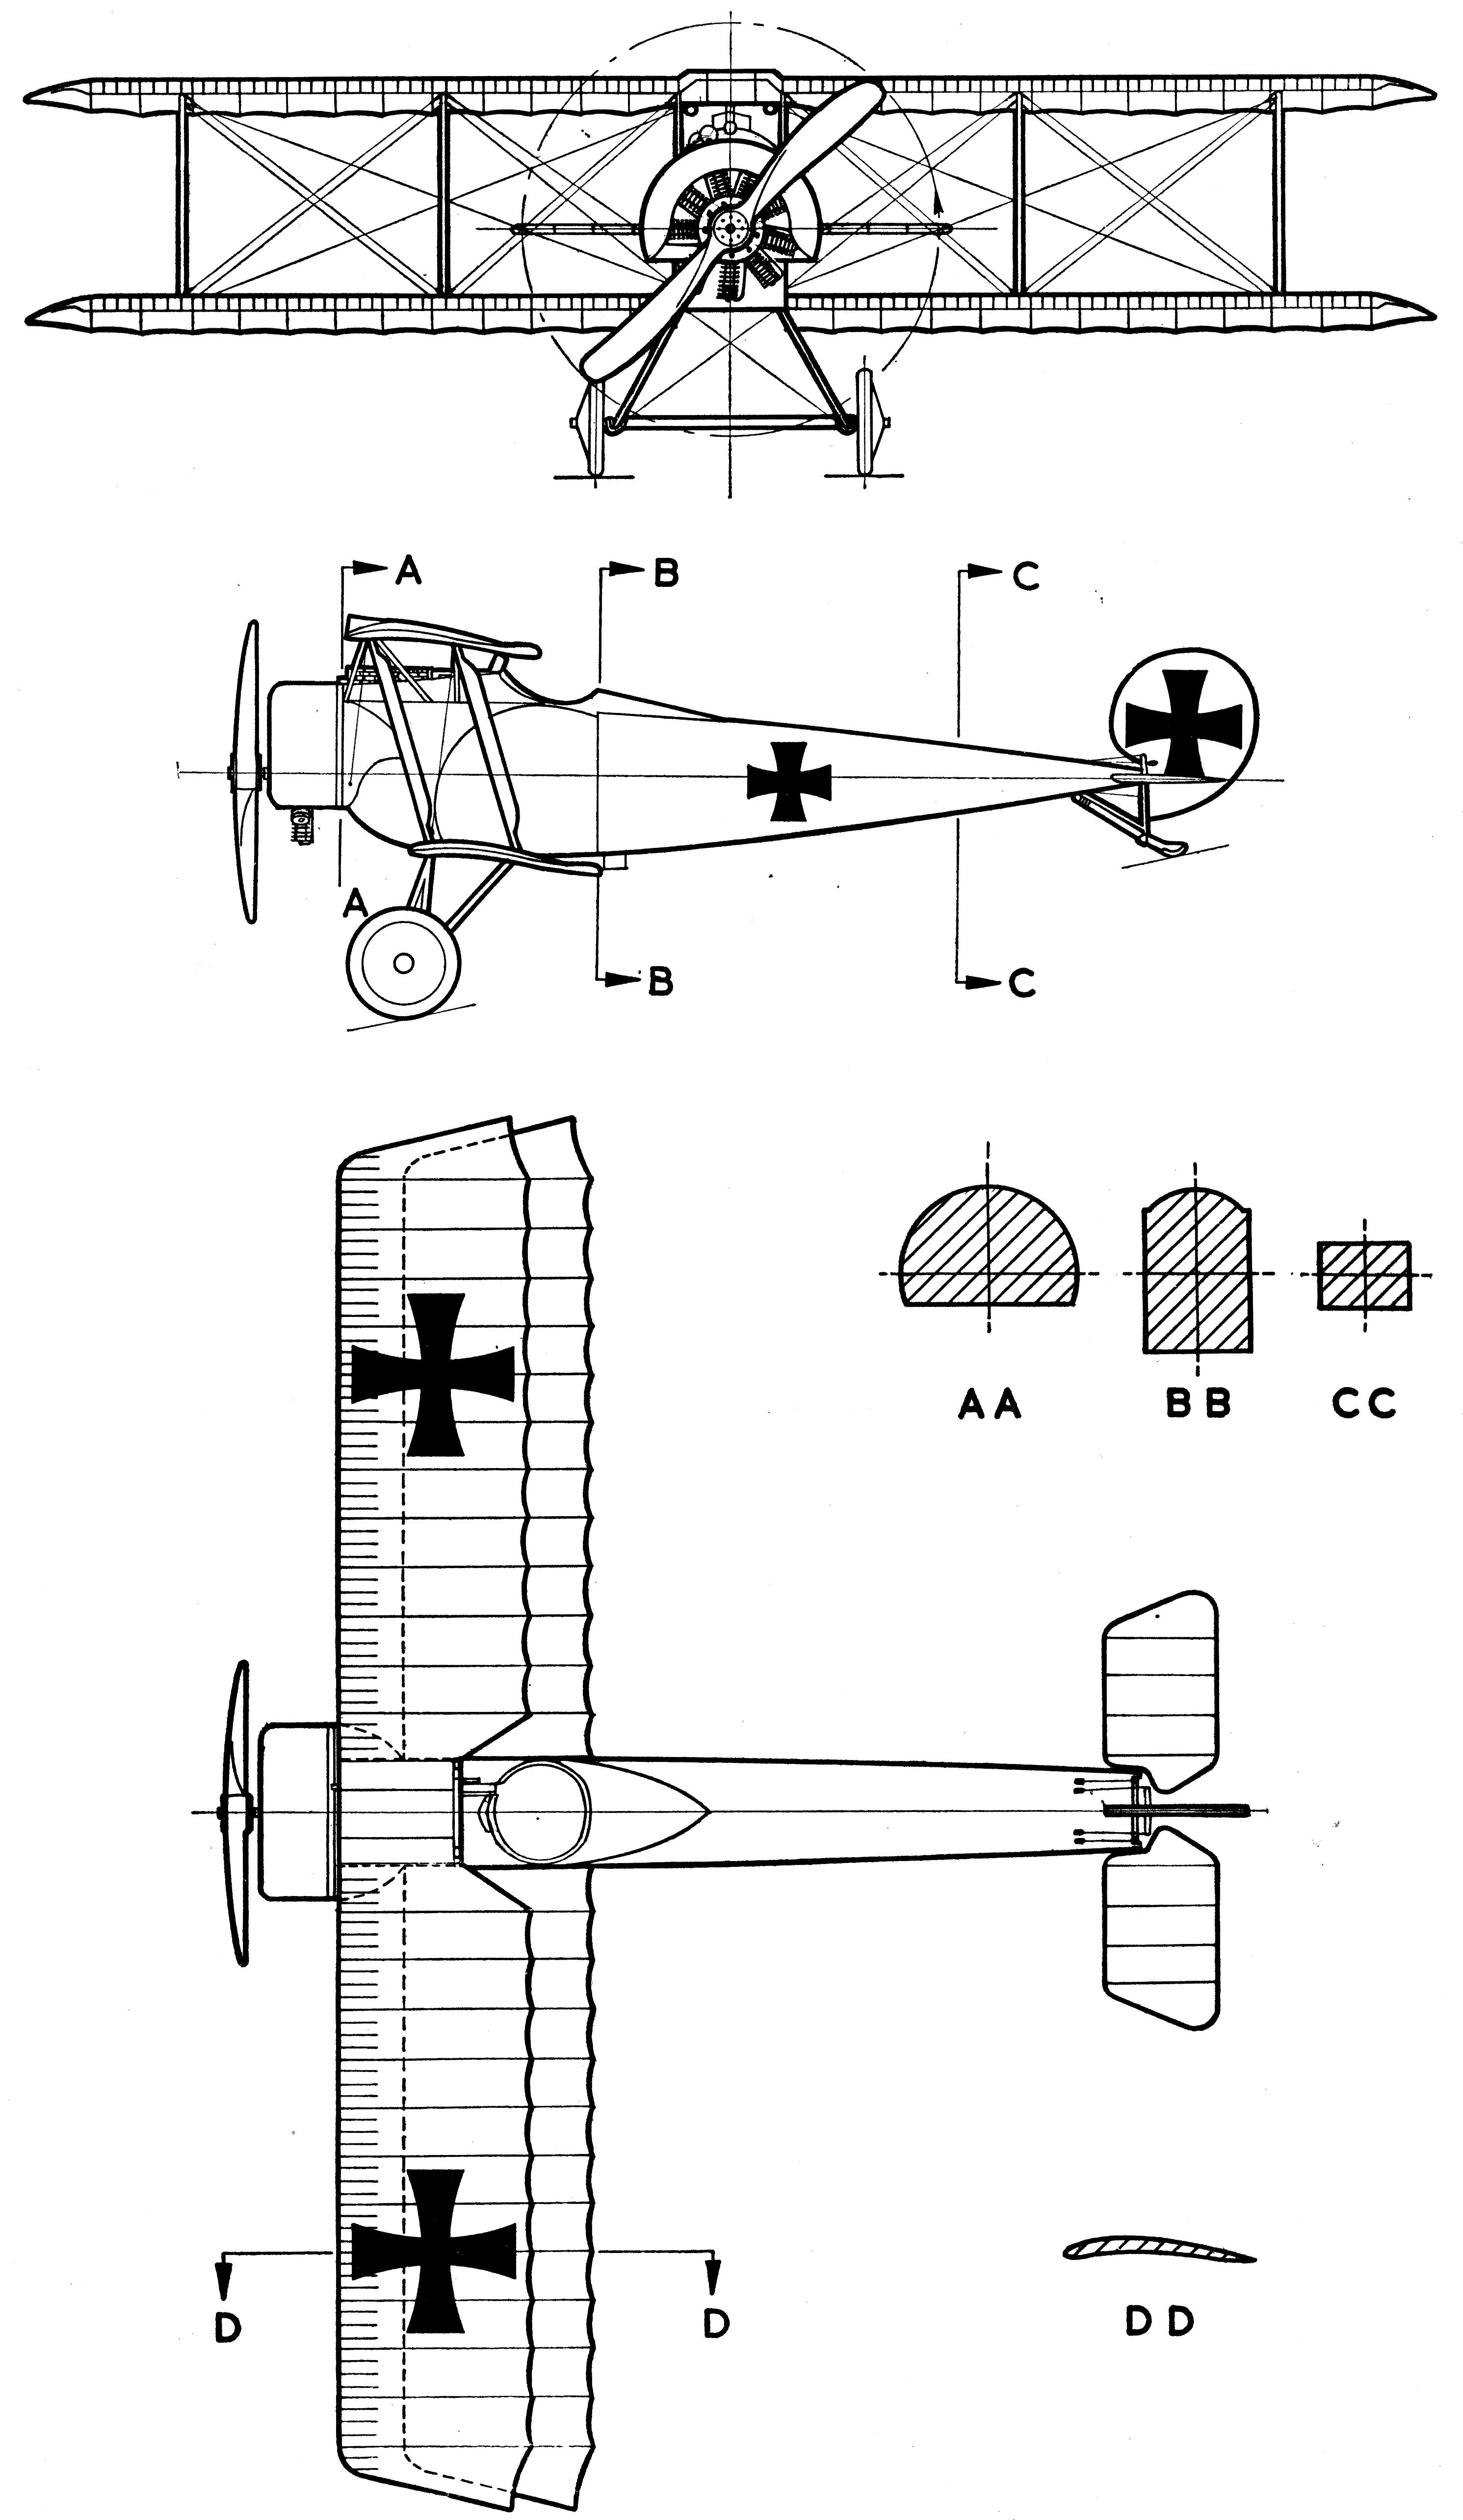 Fokker D Ii Blueprint